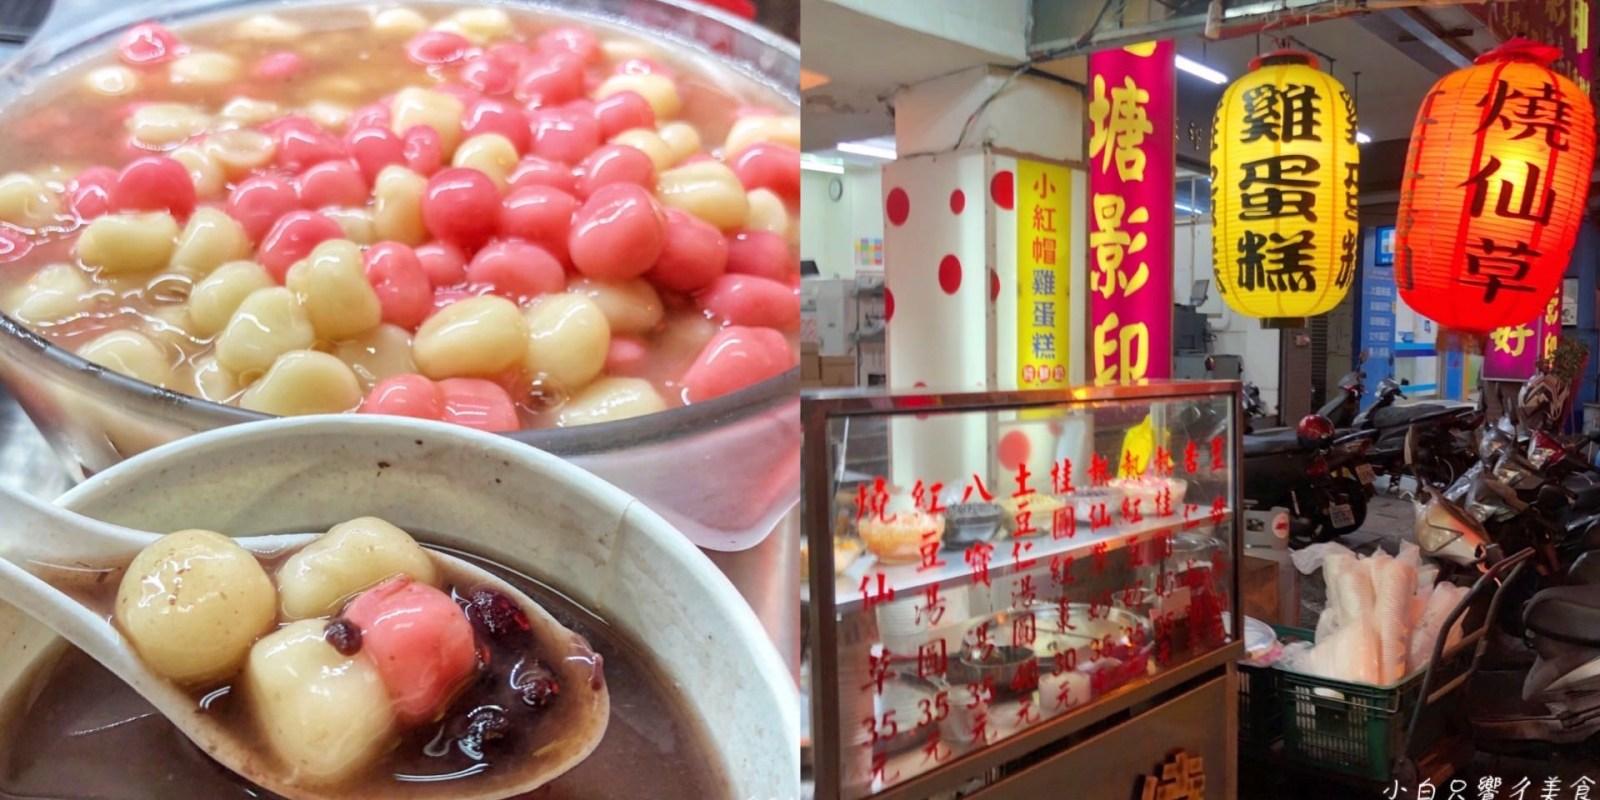 台南東區美食【小紅帽雞蛋糕】冬季限定!紅豆湯圓x燒仙草 每碗35元便宜又好吃 cp值很高